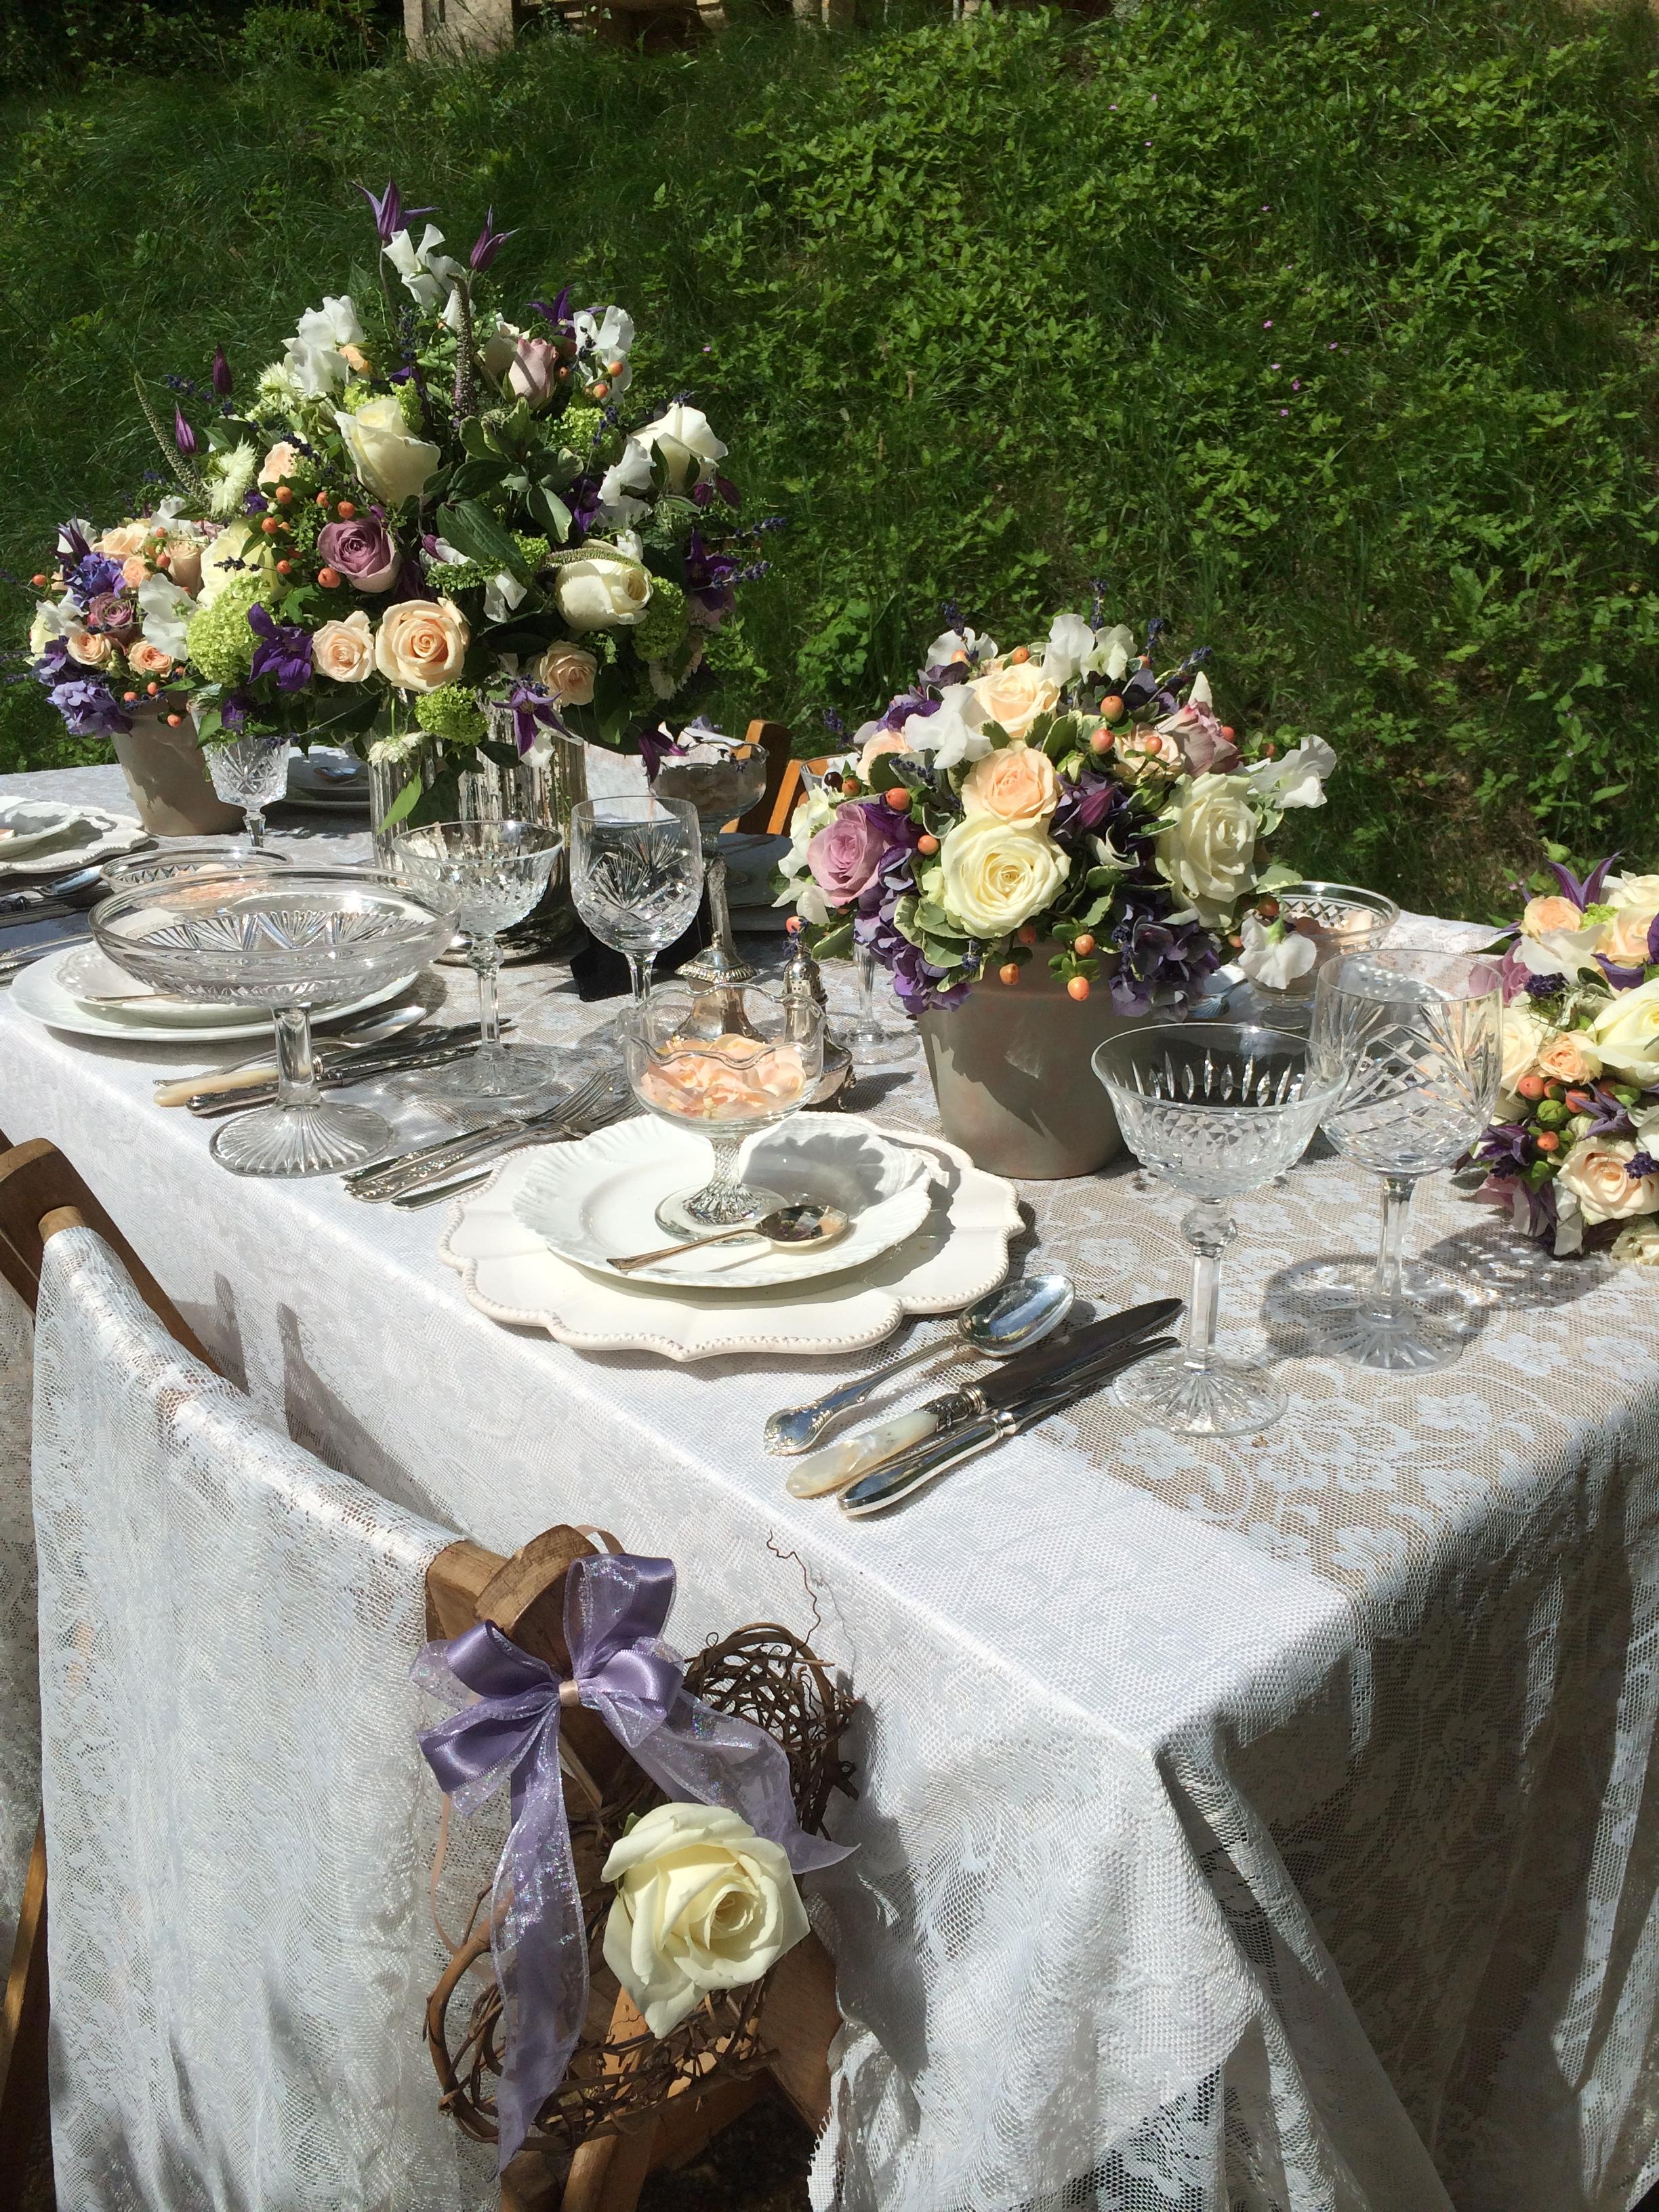 bordello banquets rococo gardens (1).jpg